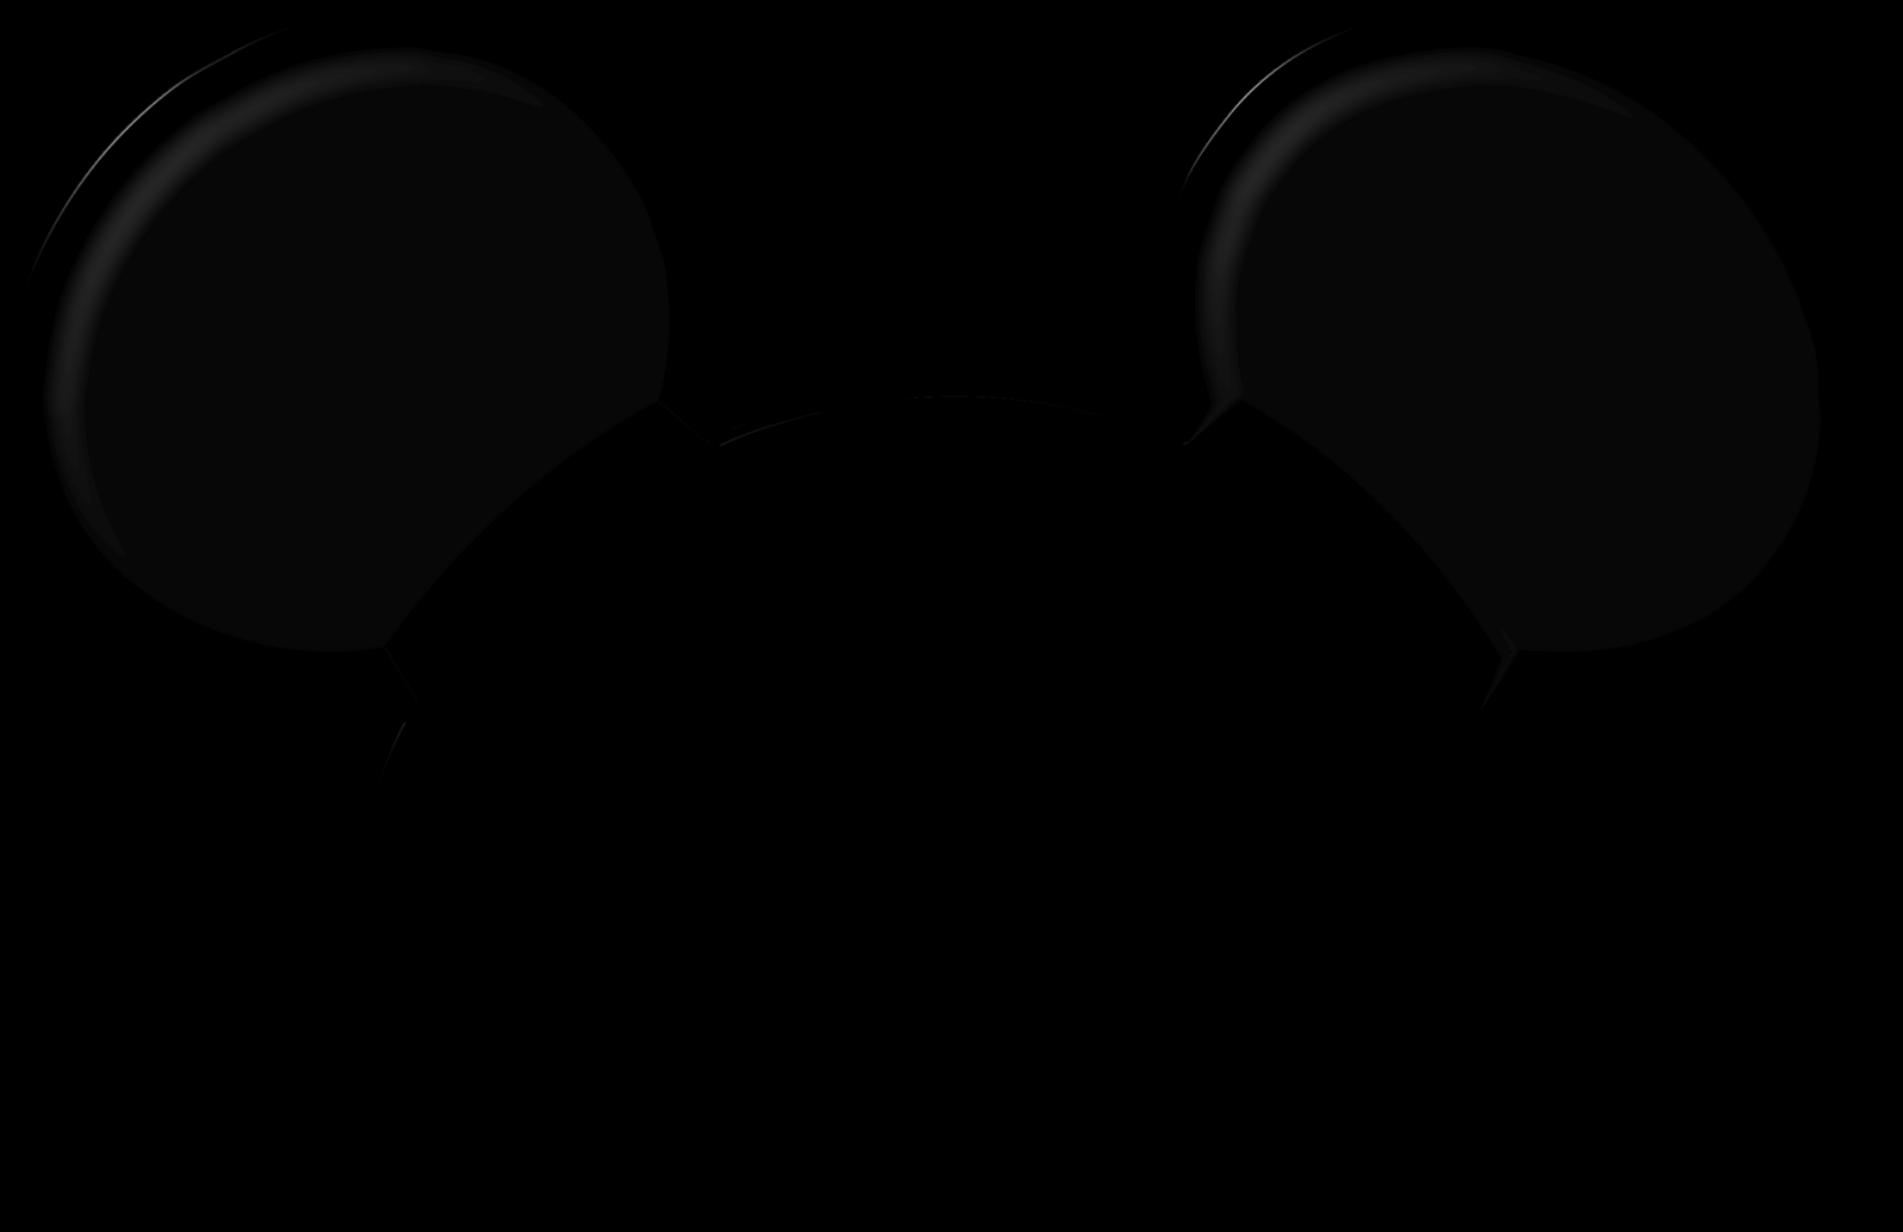 раскраска ушки мышки шаблон привозят